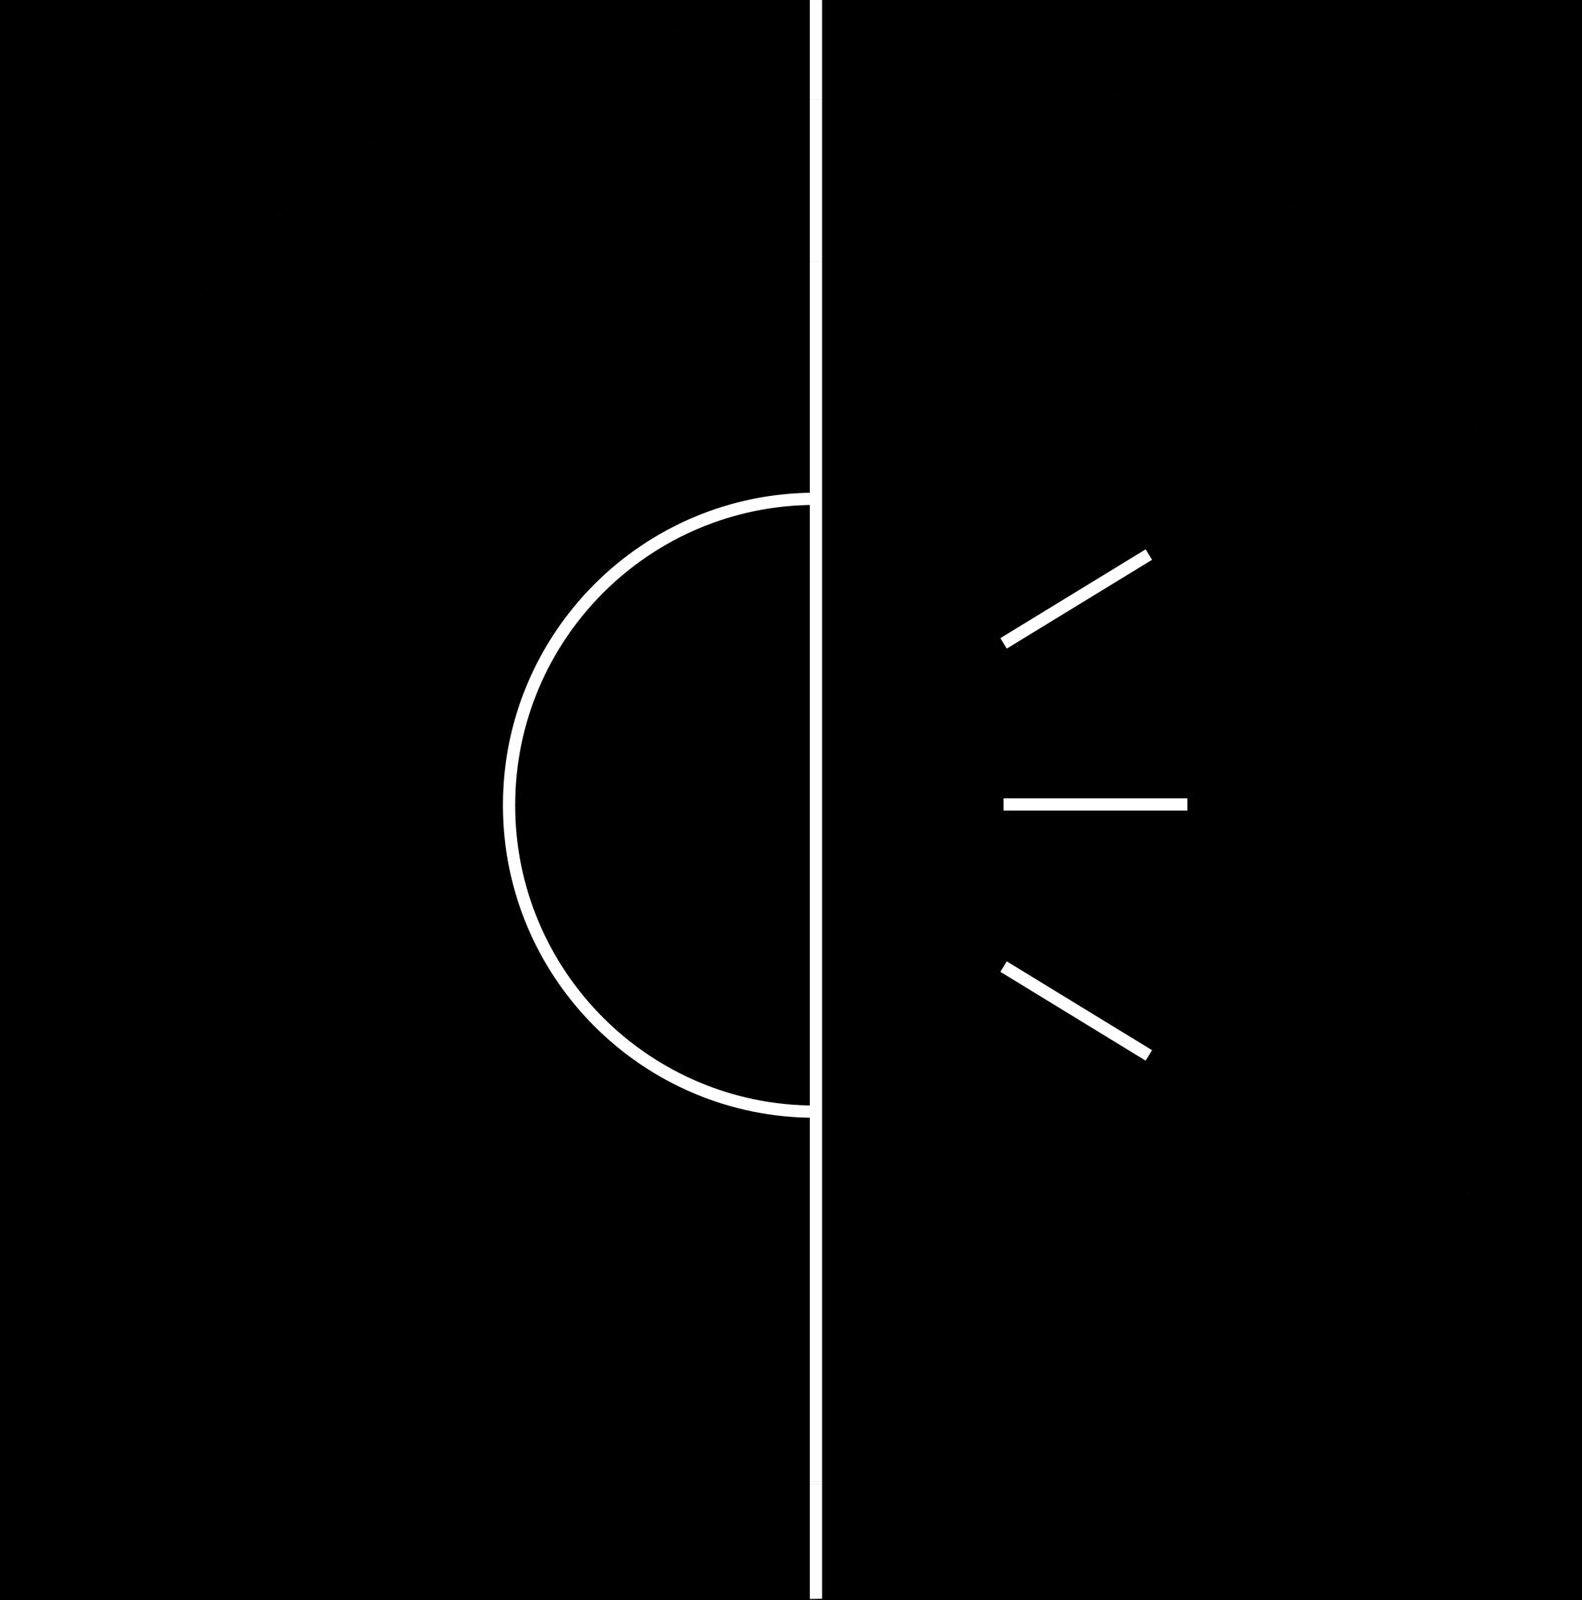 גופי תאורה בקטגוריית - שקועי קיר